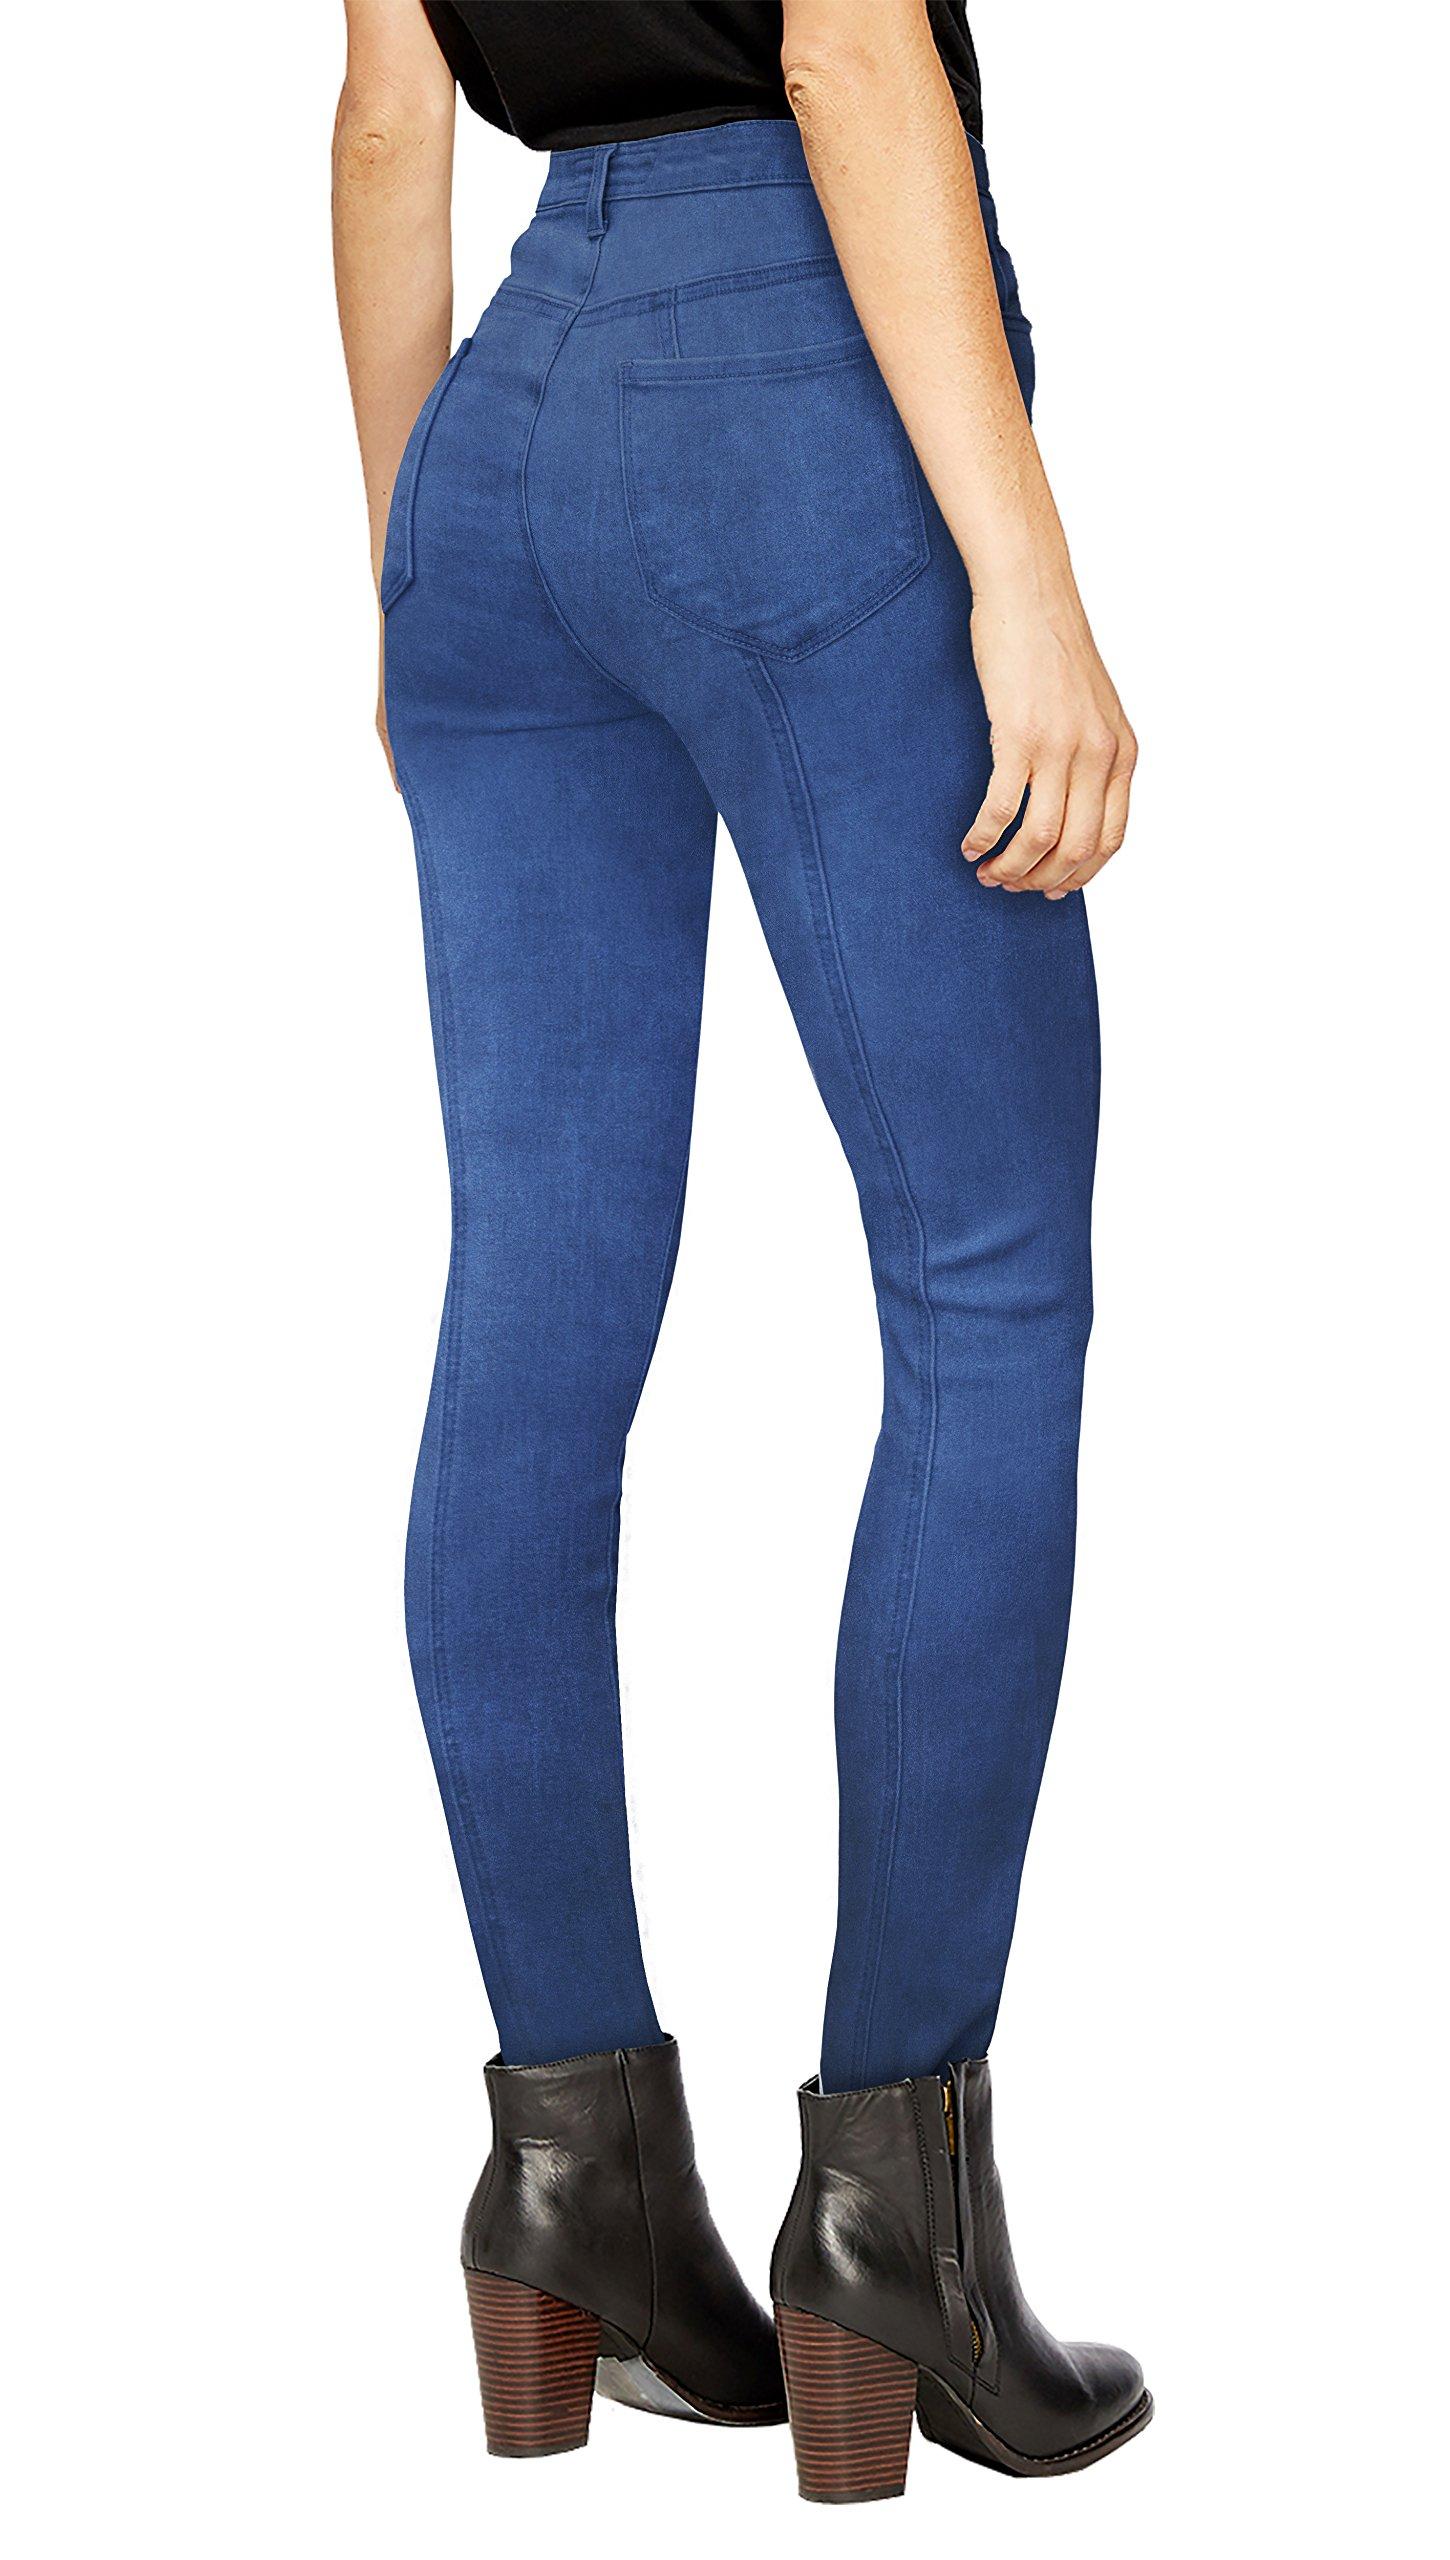 Womens Super Stretch 5 Button Hi Waist Skinny Capri P43240SK Blue Acid 15